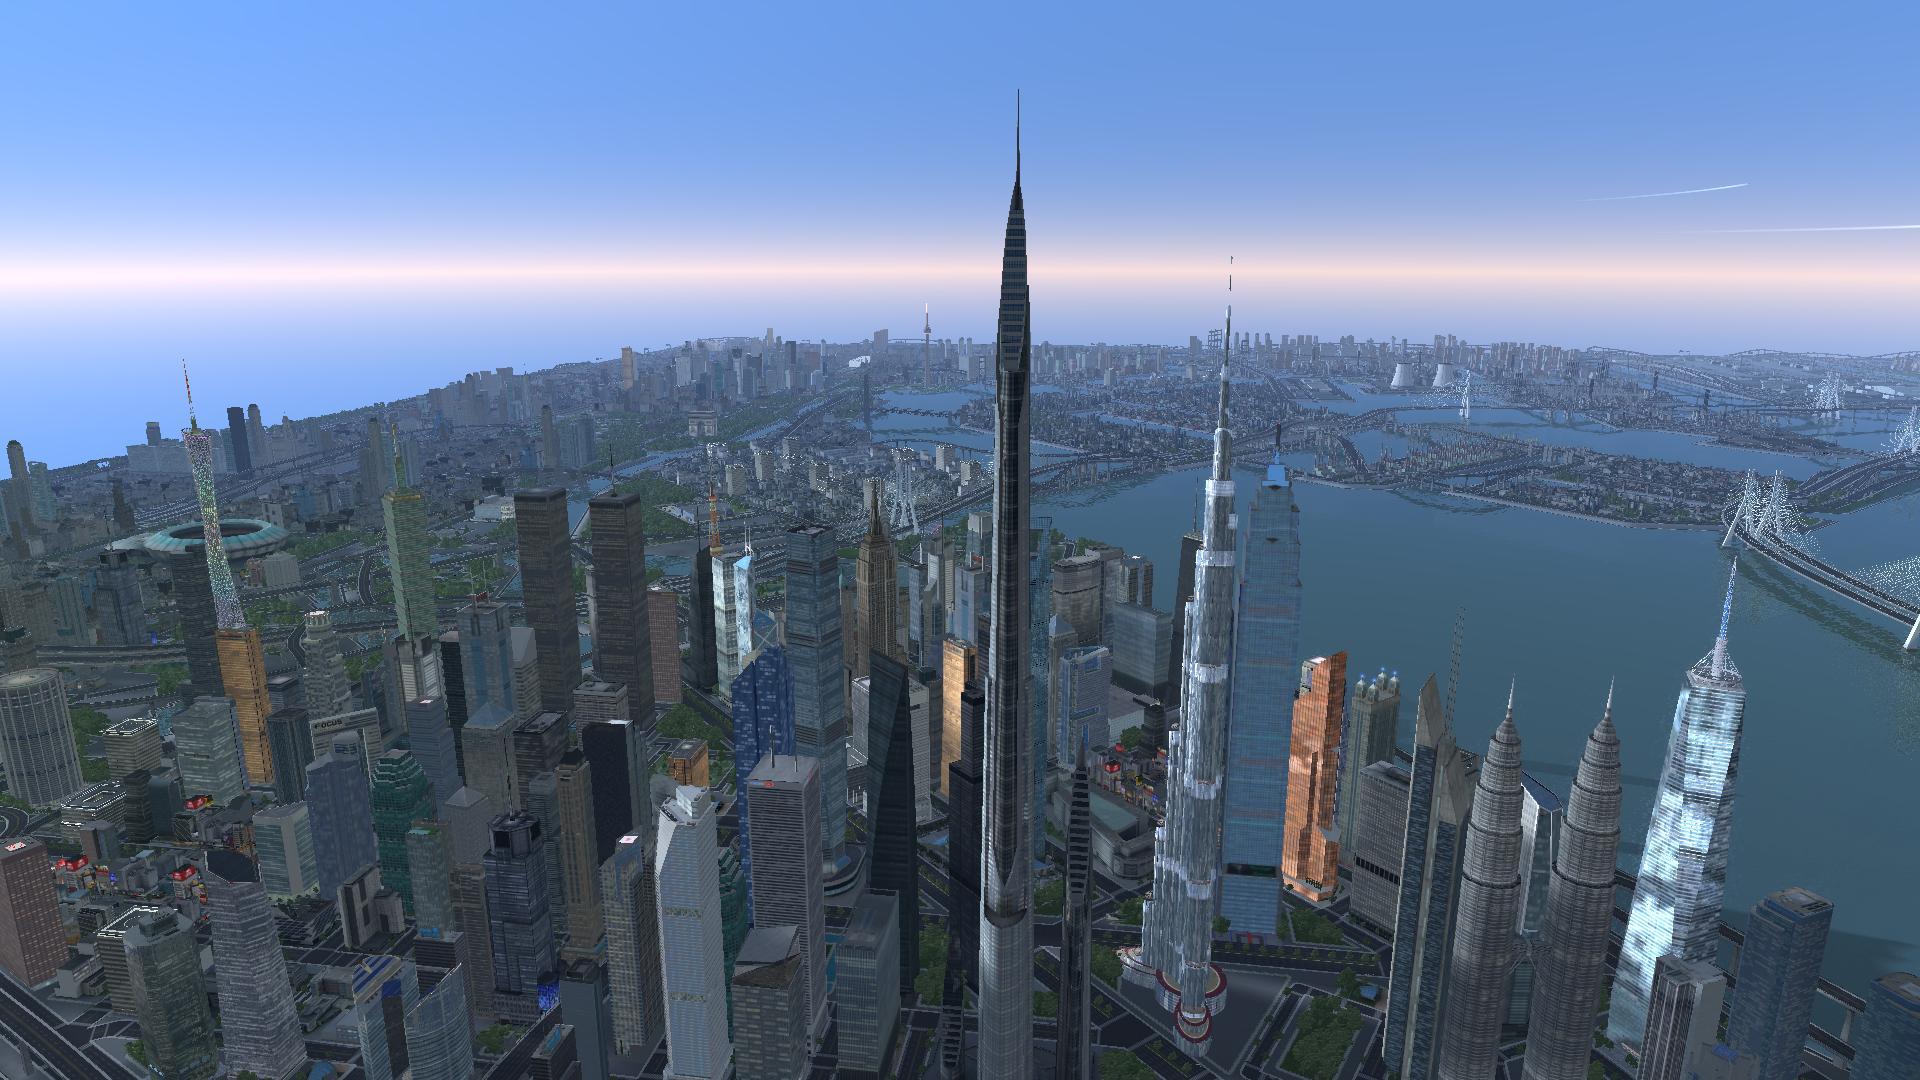 CitiesXL_2012 2014-11-06 02-00-46-75.jpg